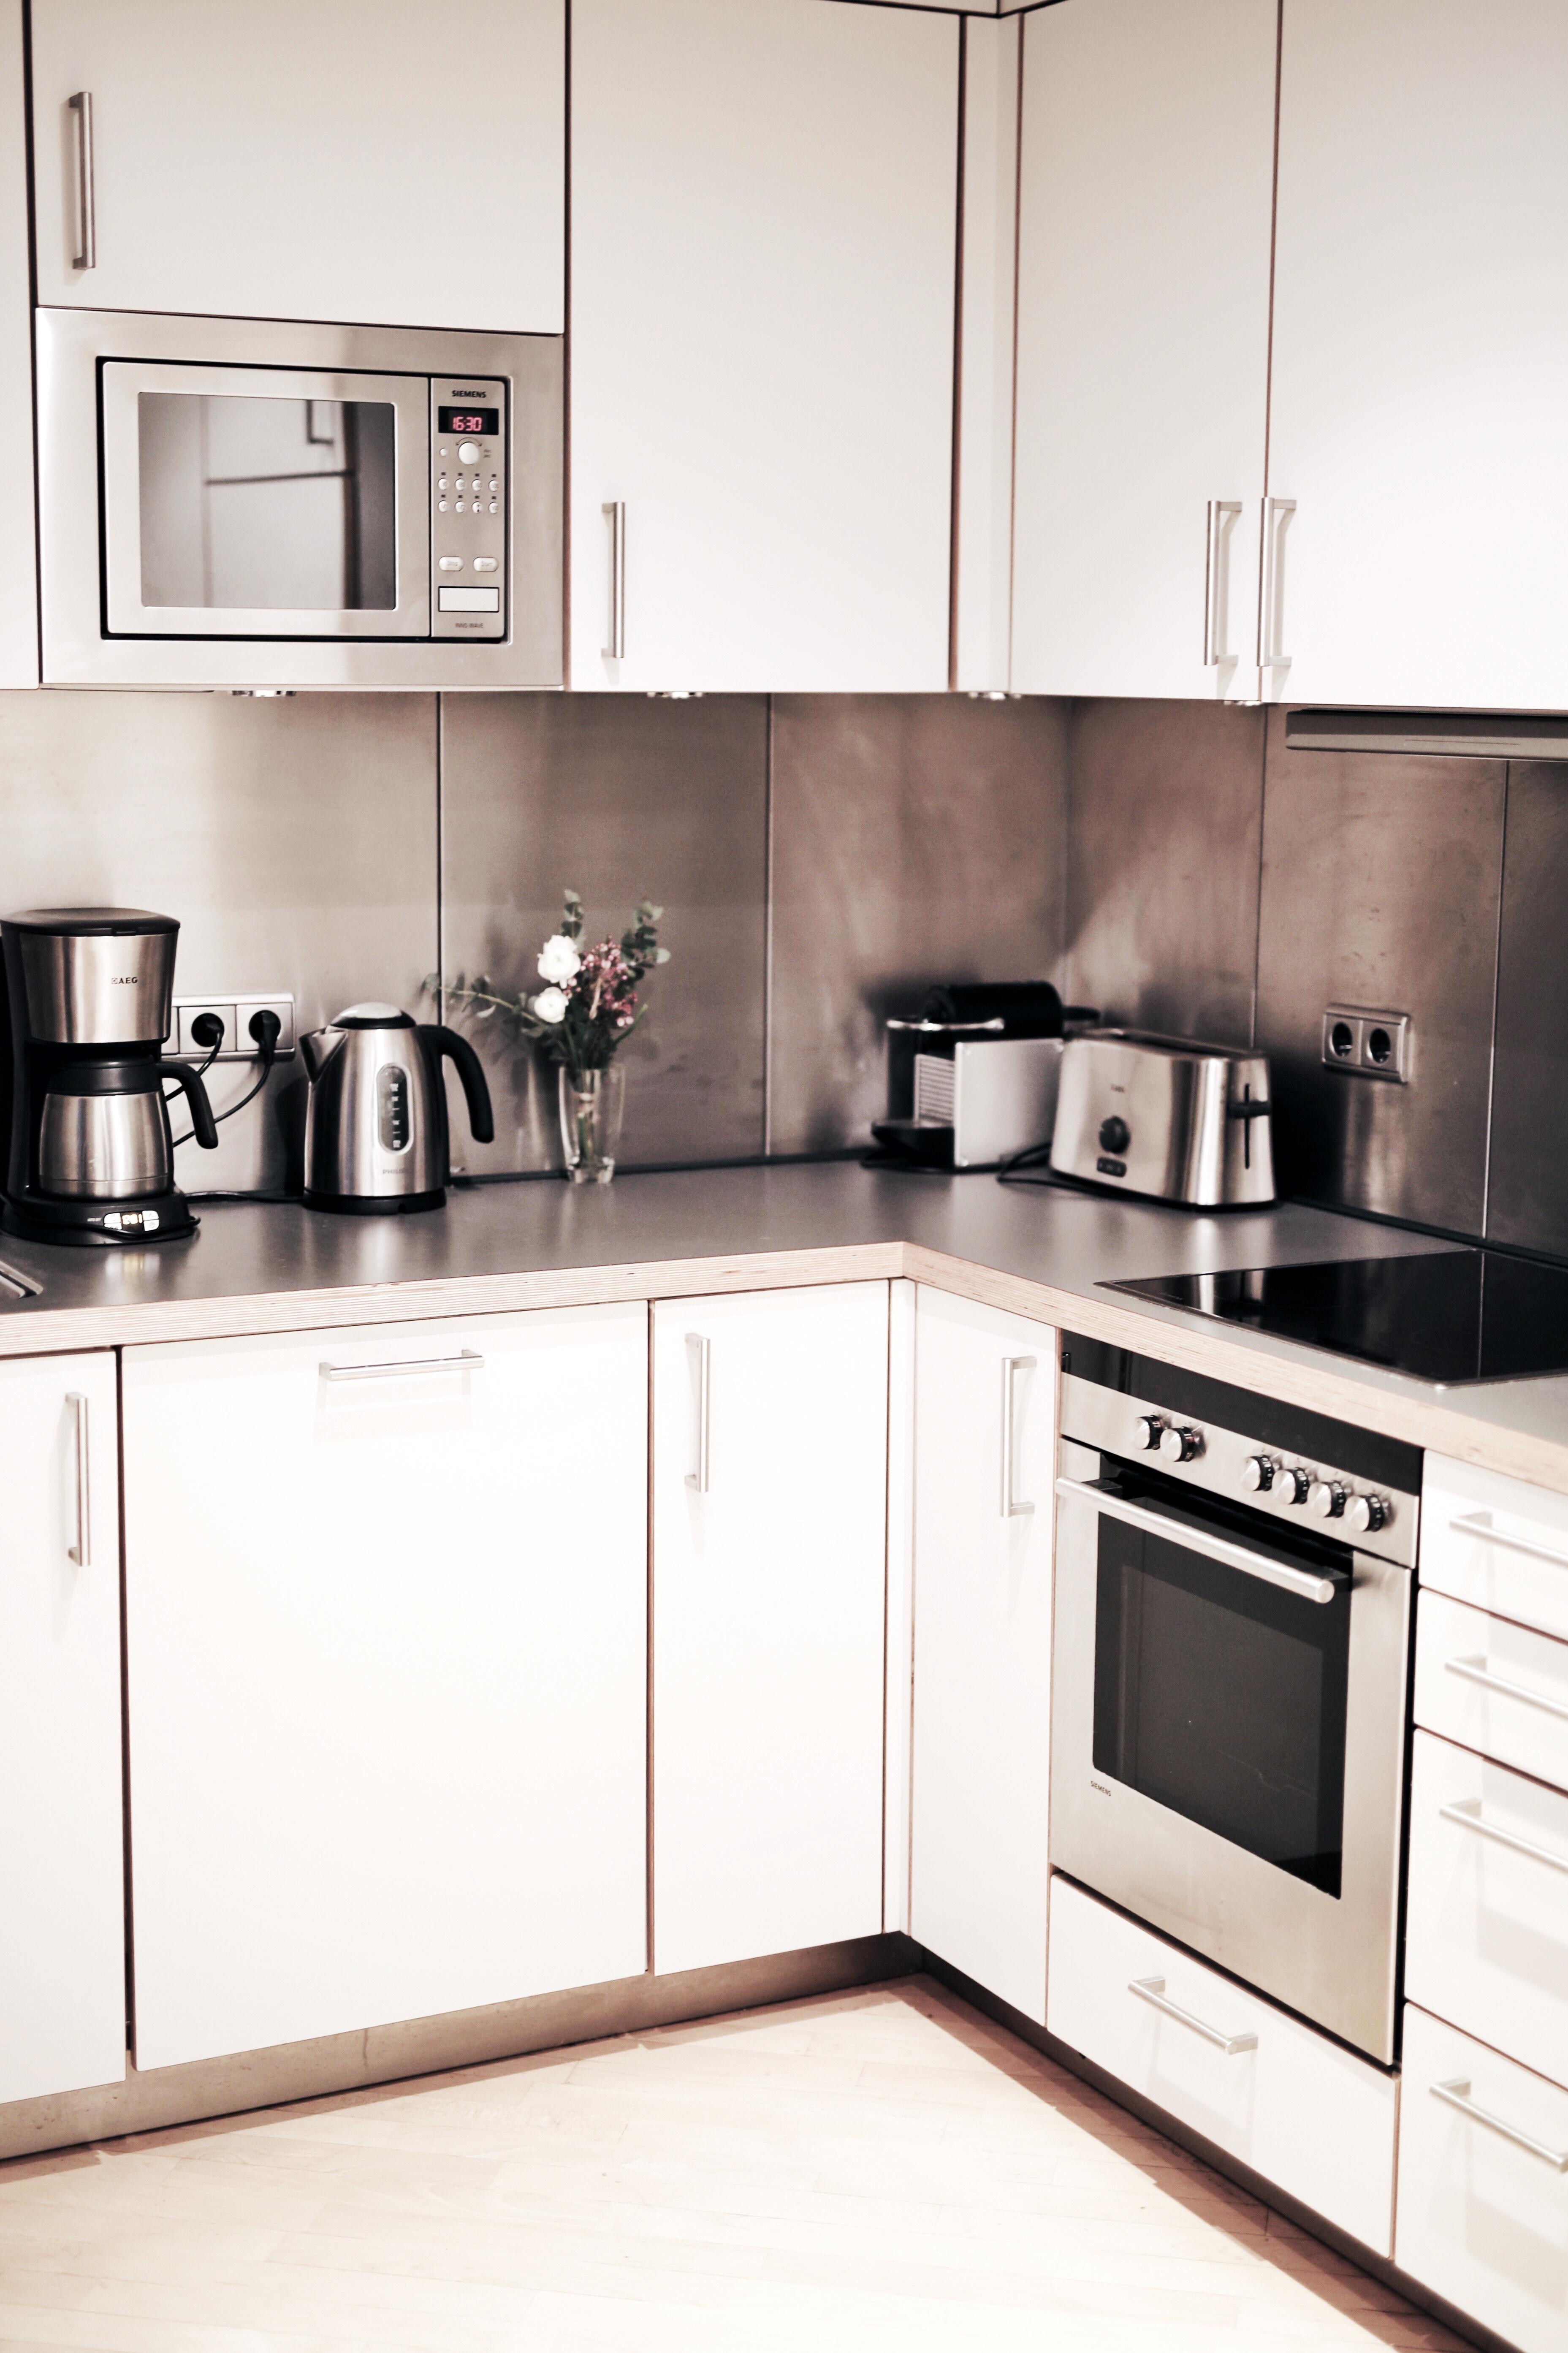 Nett Gebrauchte Küchengeräte Zum Verkauf In Durban Galerie - Küche ...